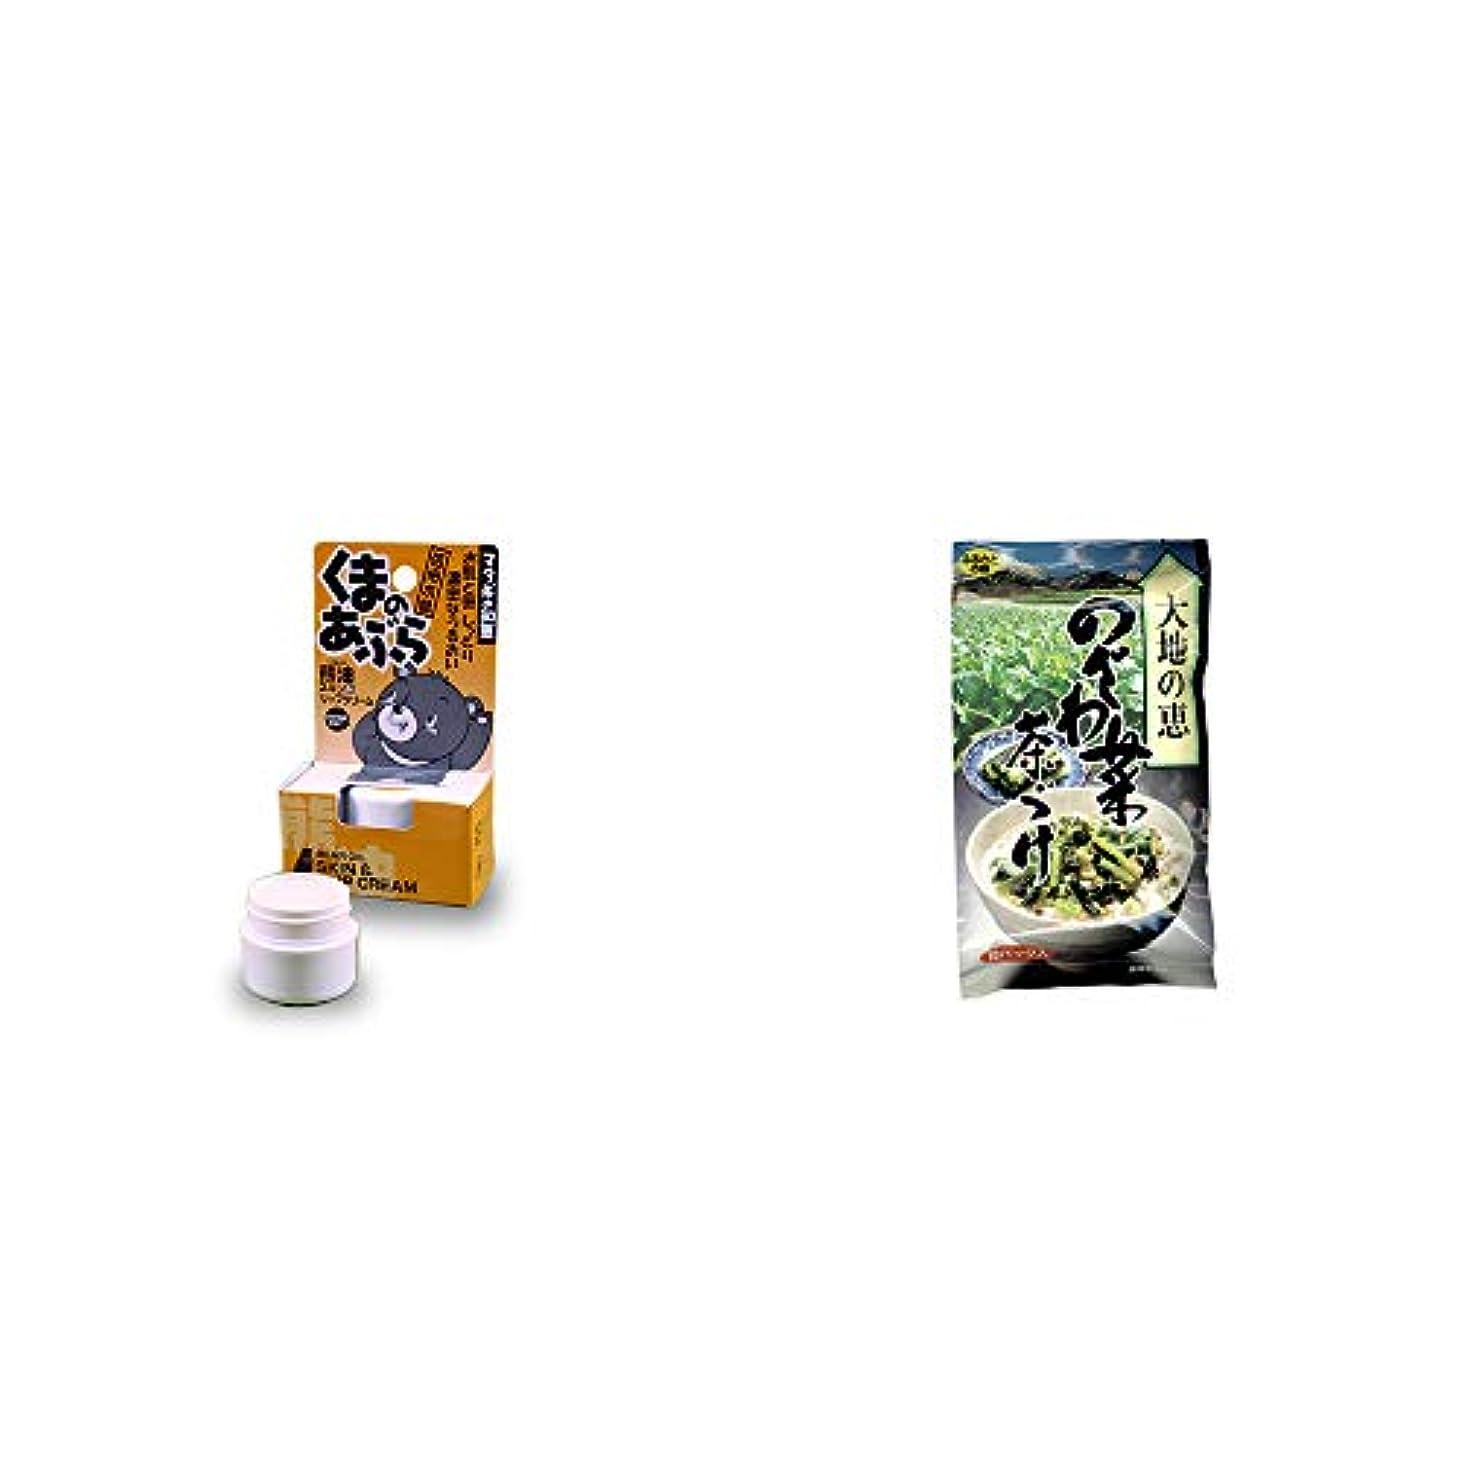 精神的にかどうかかわいらしい[2点セット] 信州木曽 くまのあぶら 熊油スキン&リップクリーム(9g)?特選茶漬け 大地の恵 のざわ菜茶づけ(10袋入)